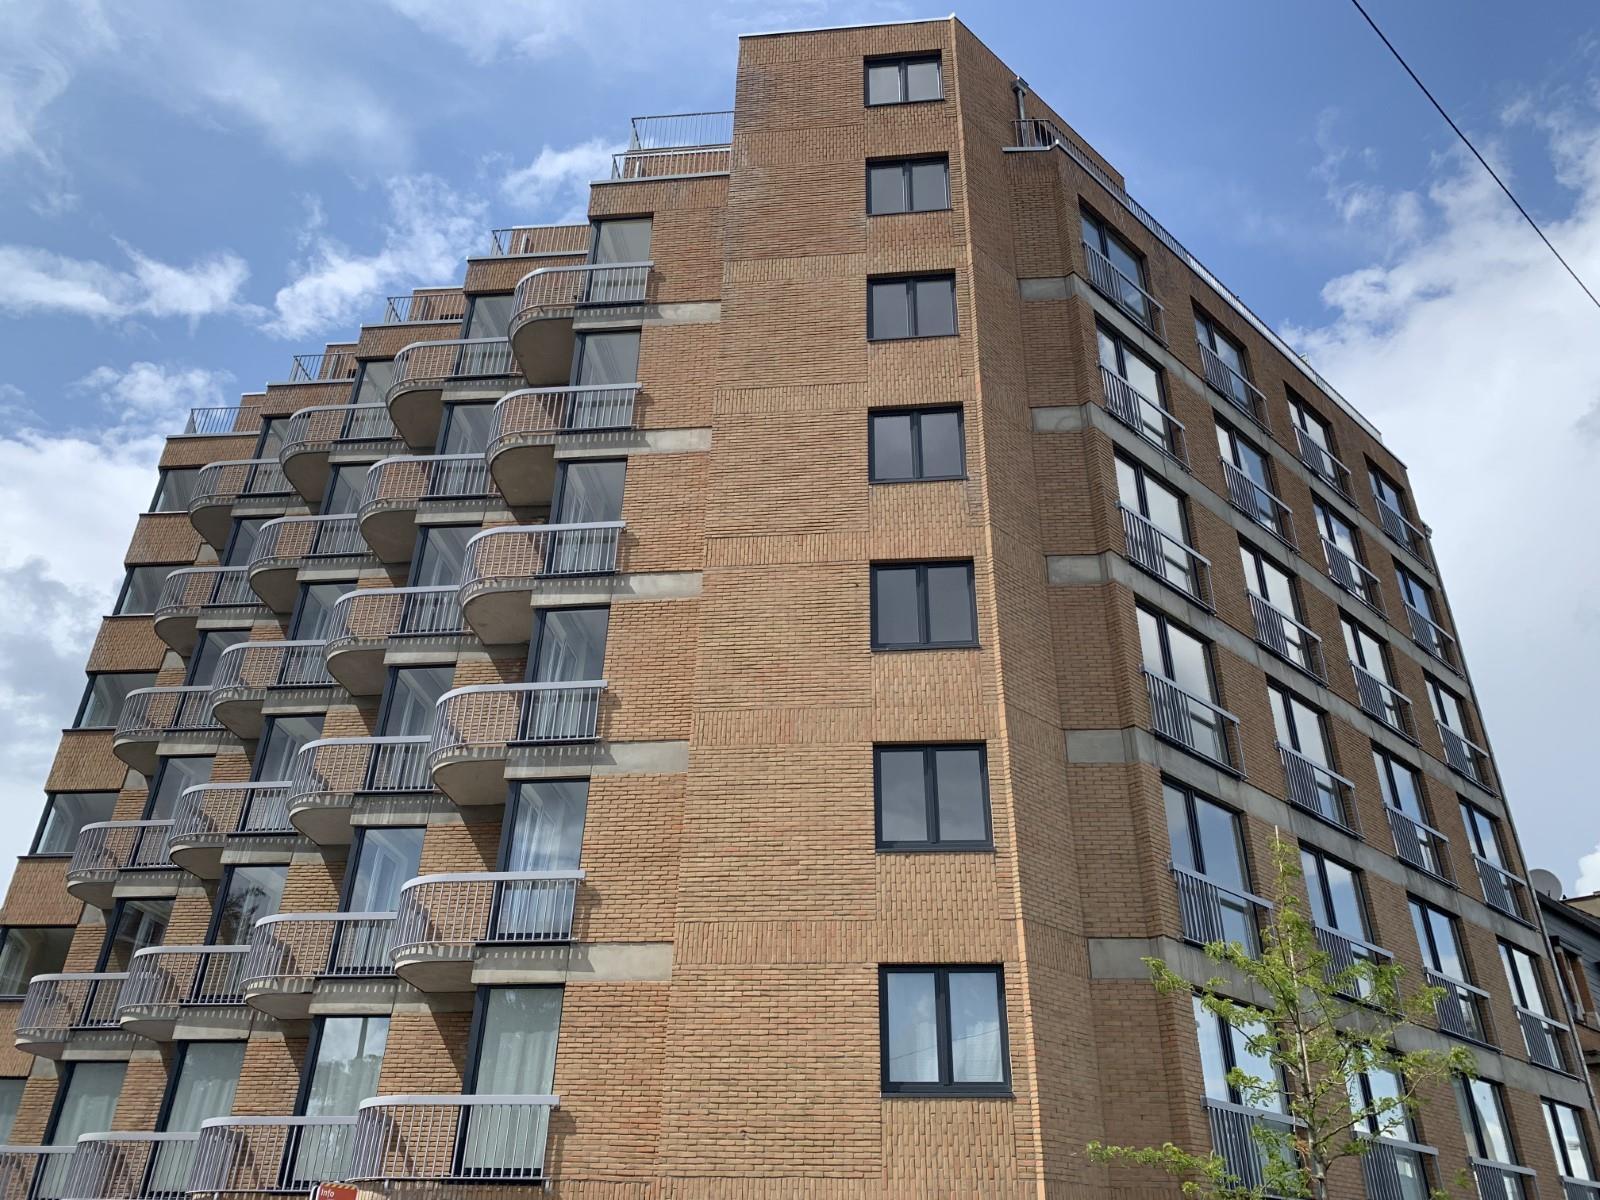 Appartement exceptionnel - Schaerbeek - #3964777-11